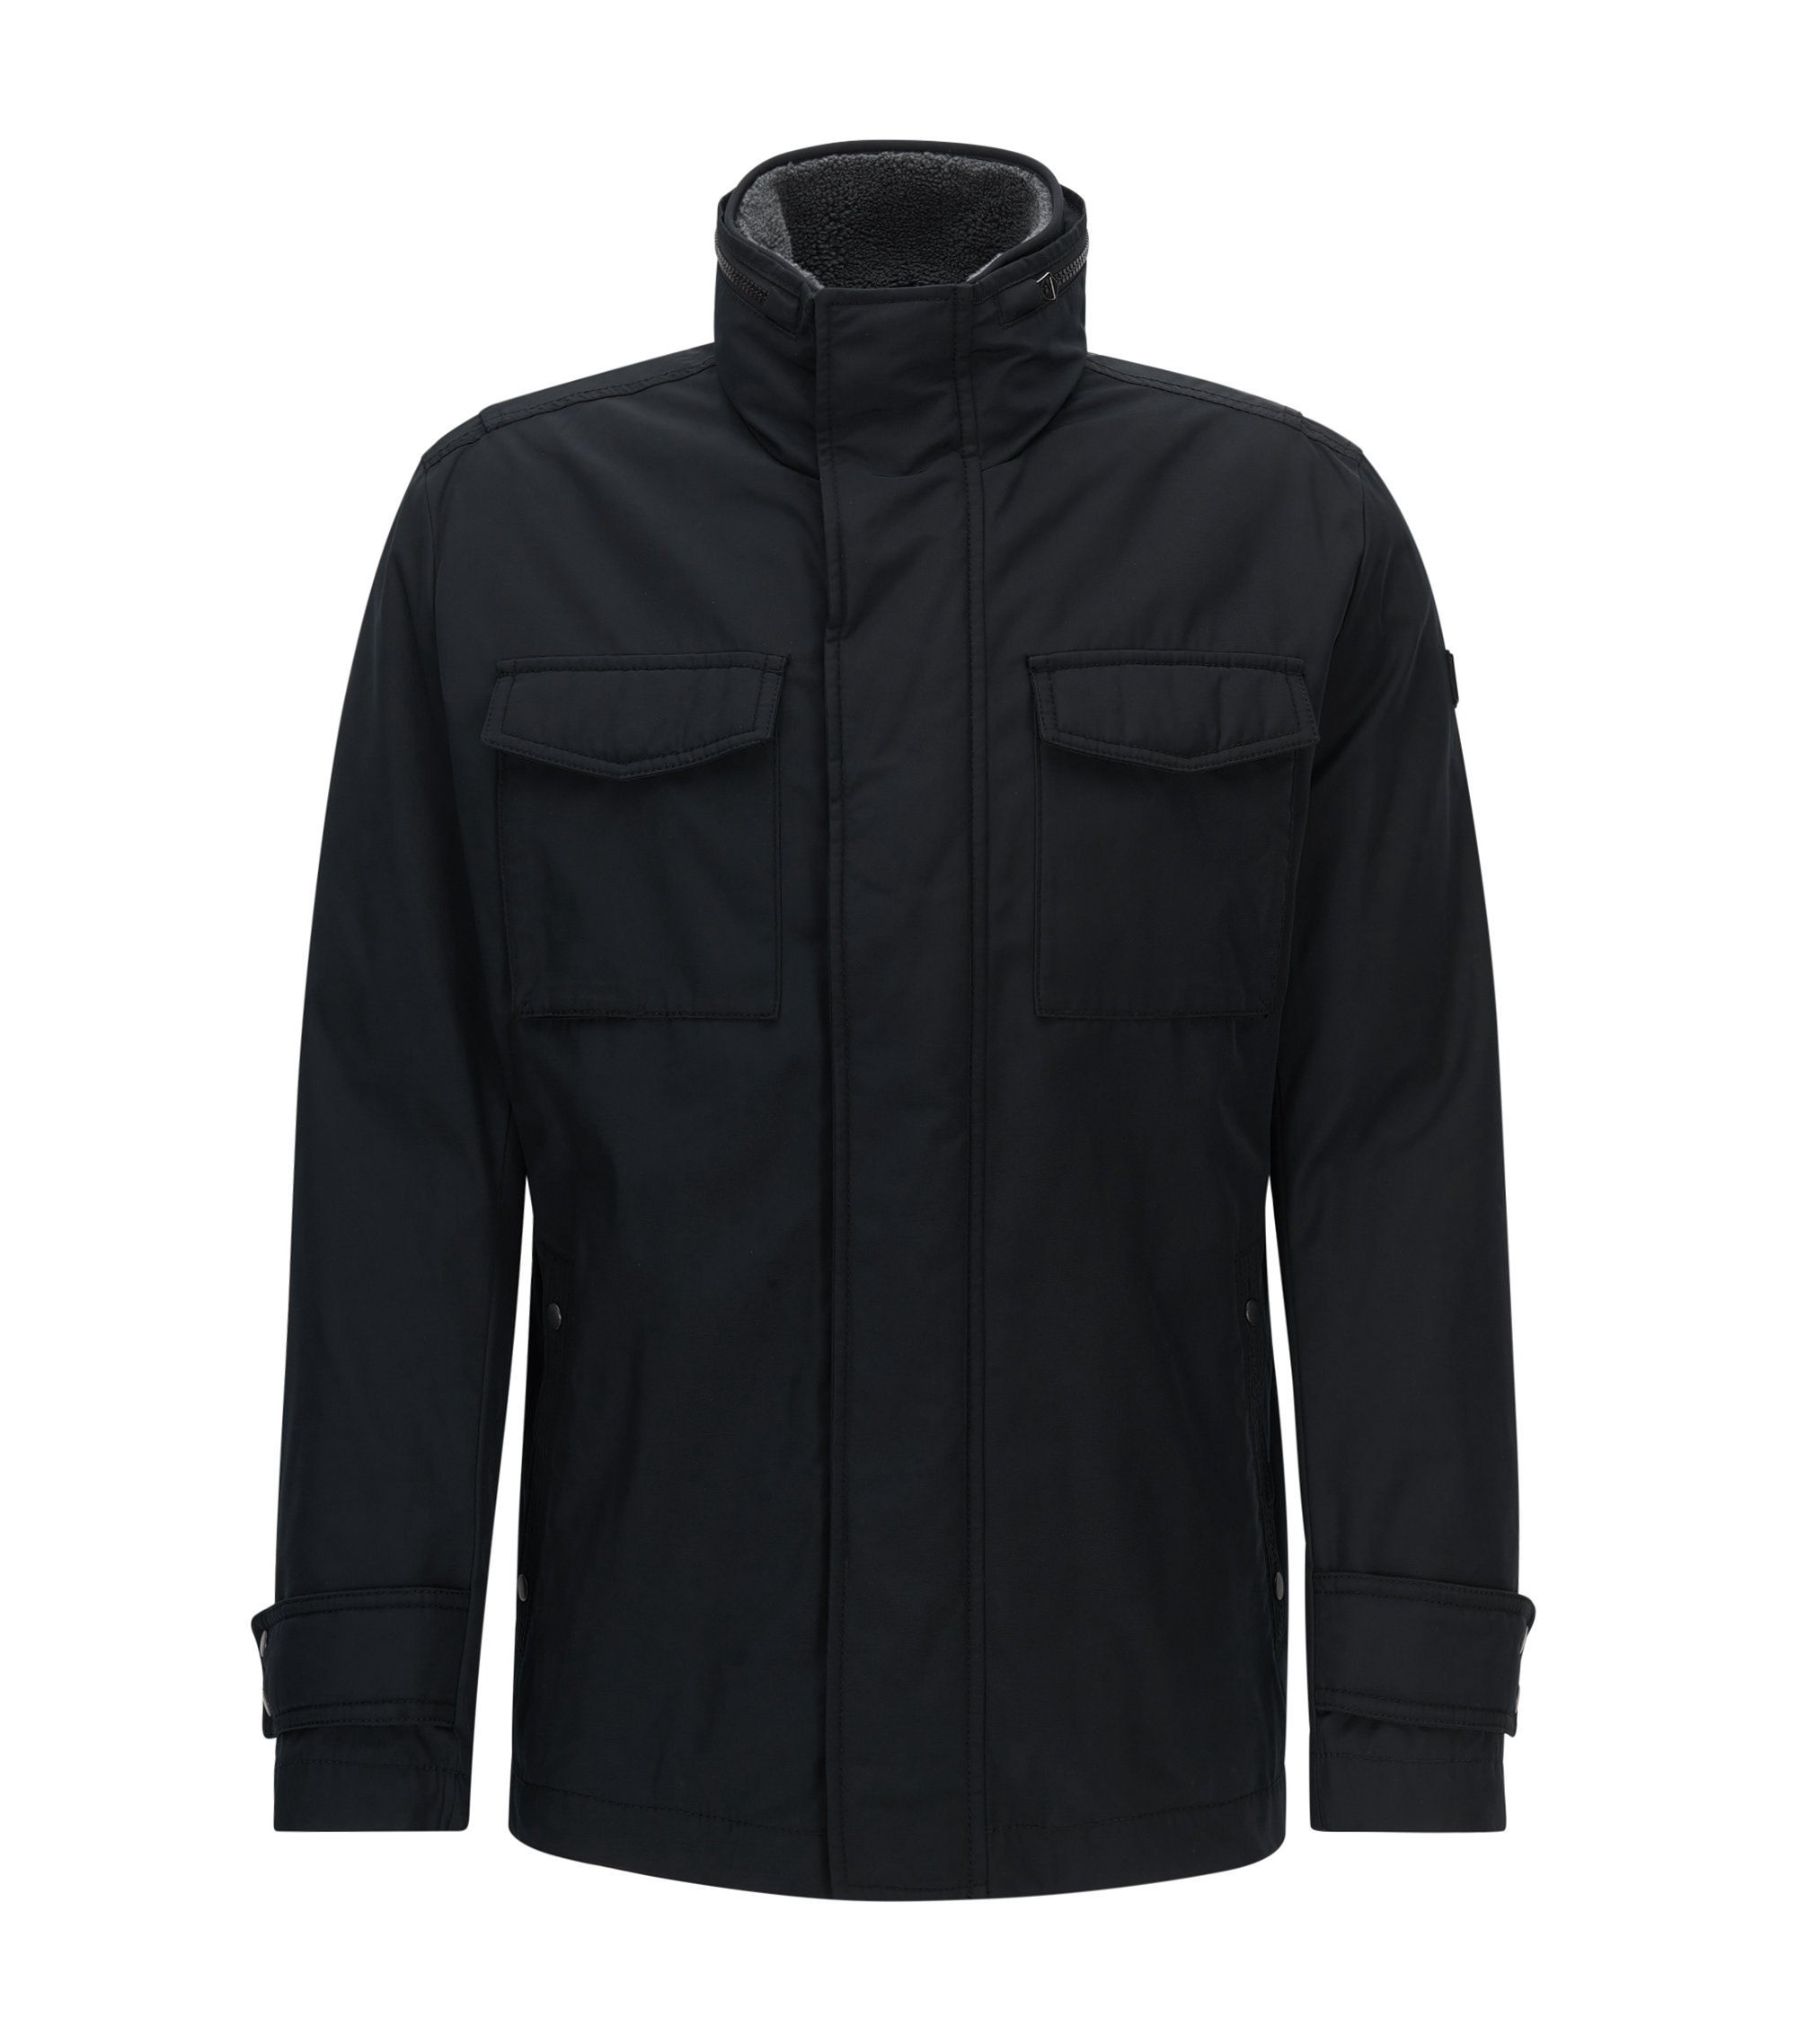 Veste Regular Fit avec finition hydrofuge , Noir